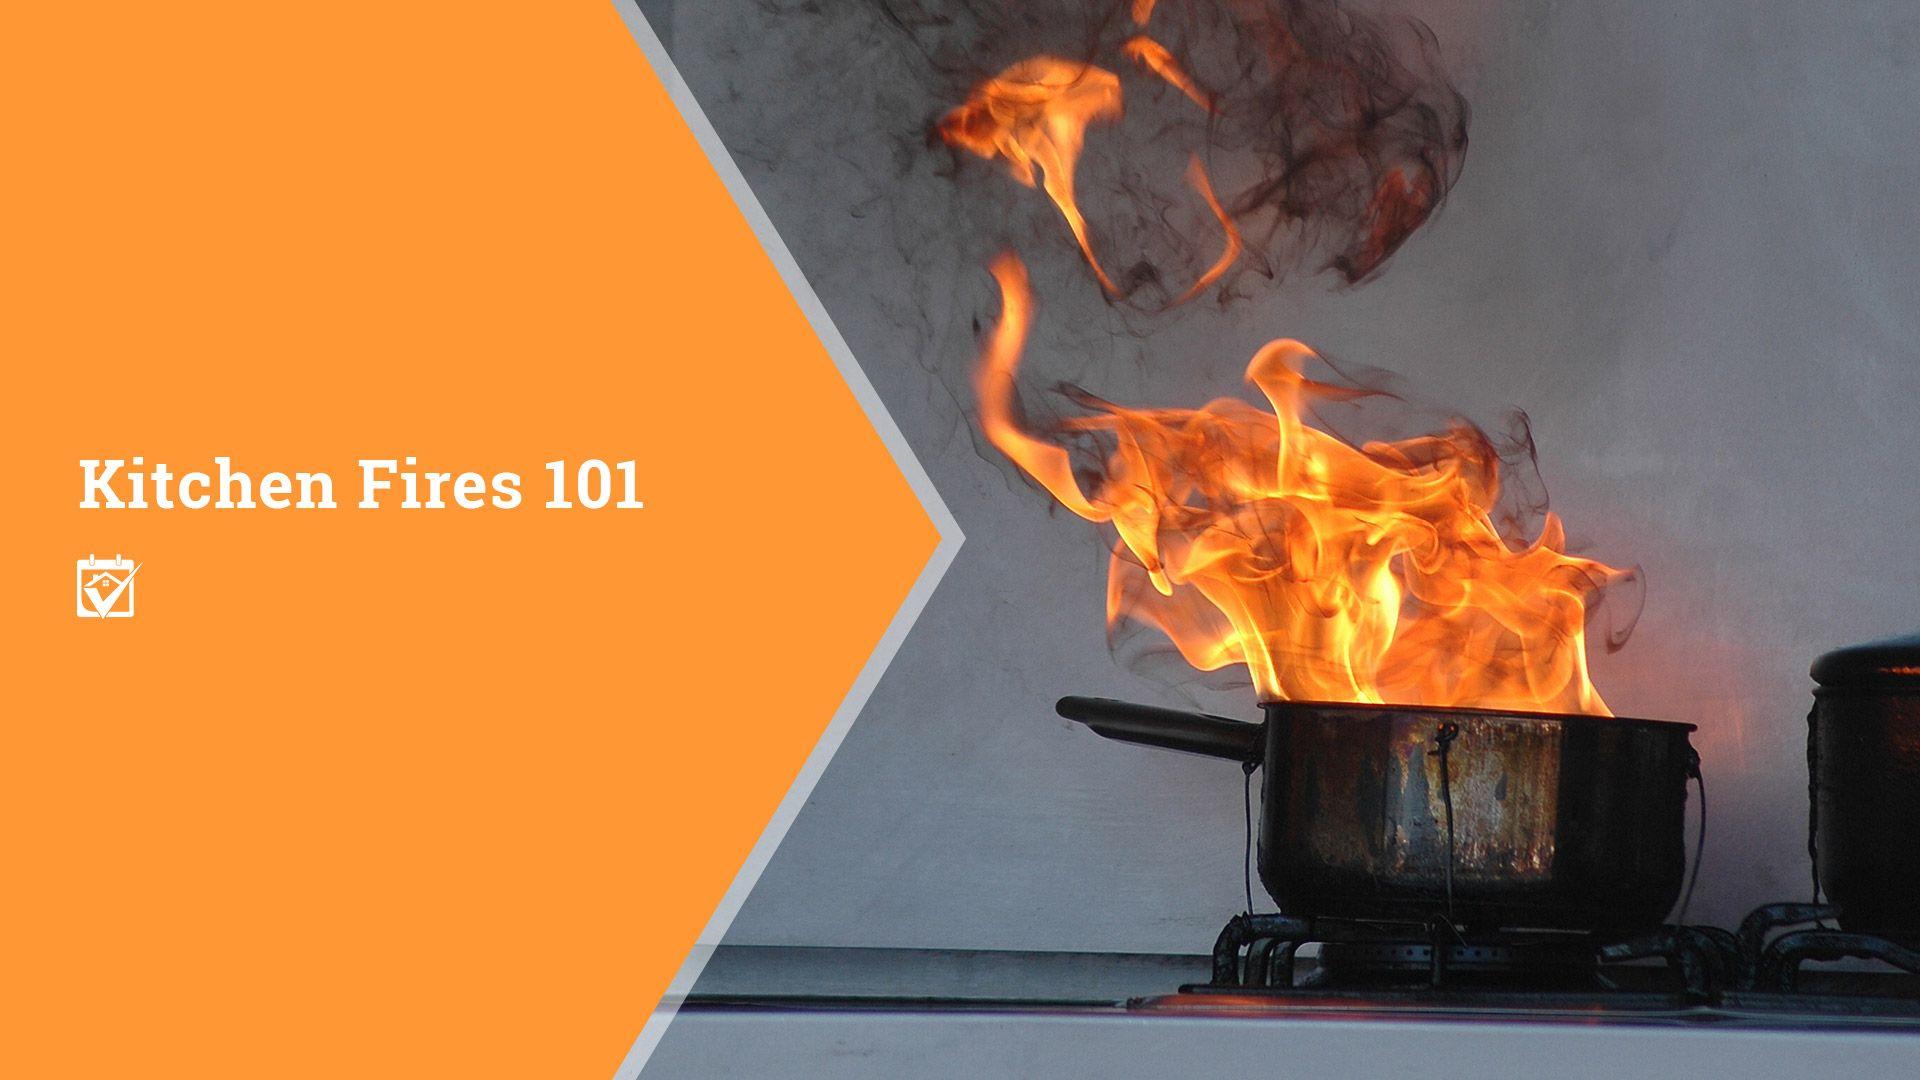 Kitchen Fires 101